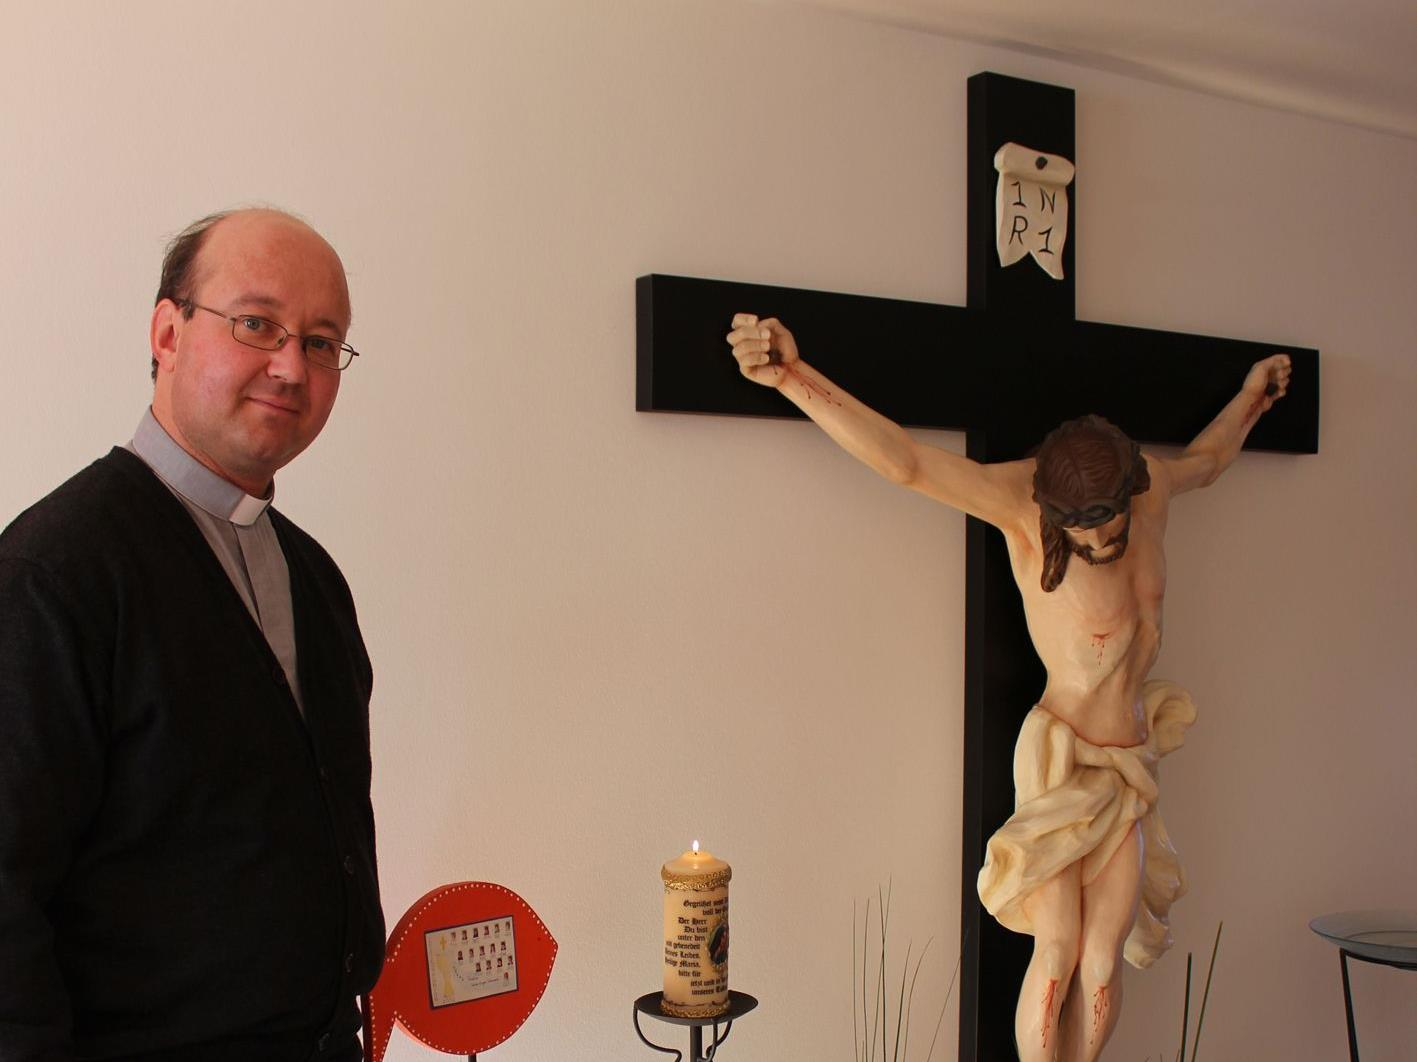 Pfarrer Ratz freut sich auf das neue Kirchenjahr.